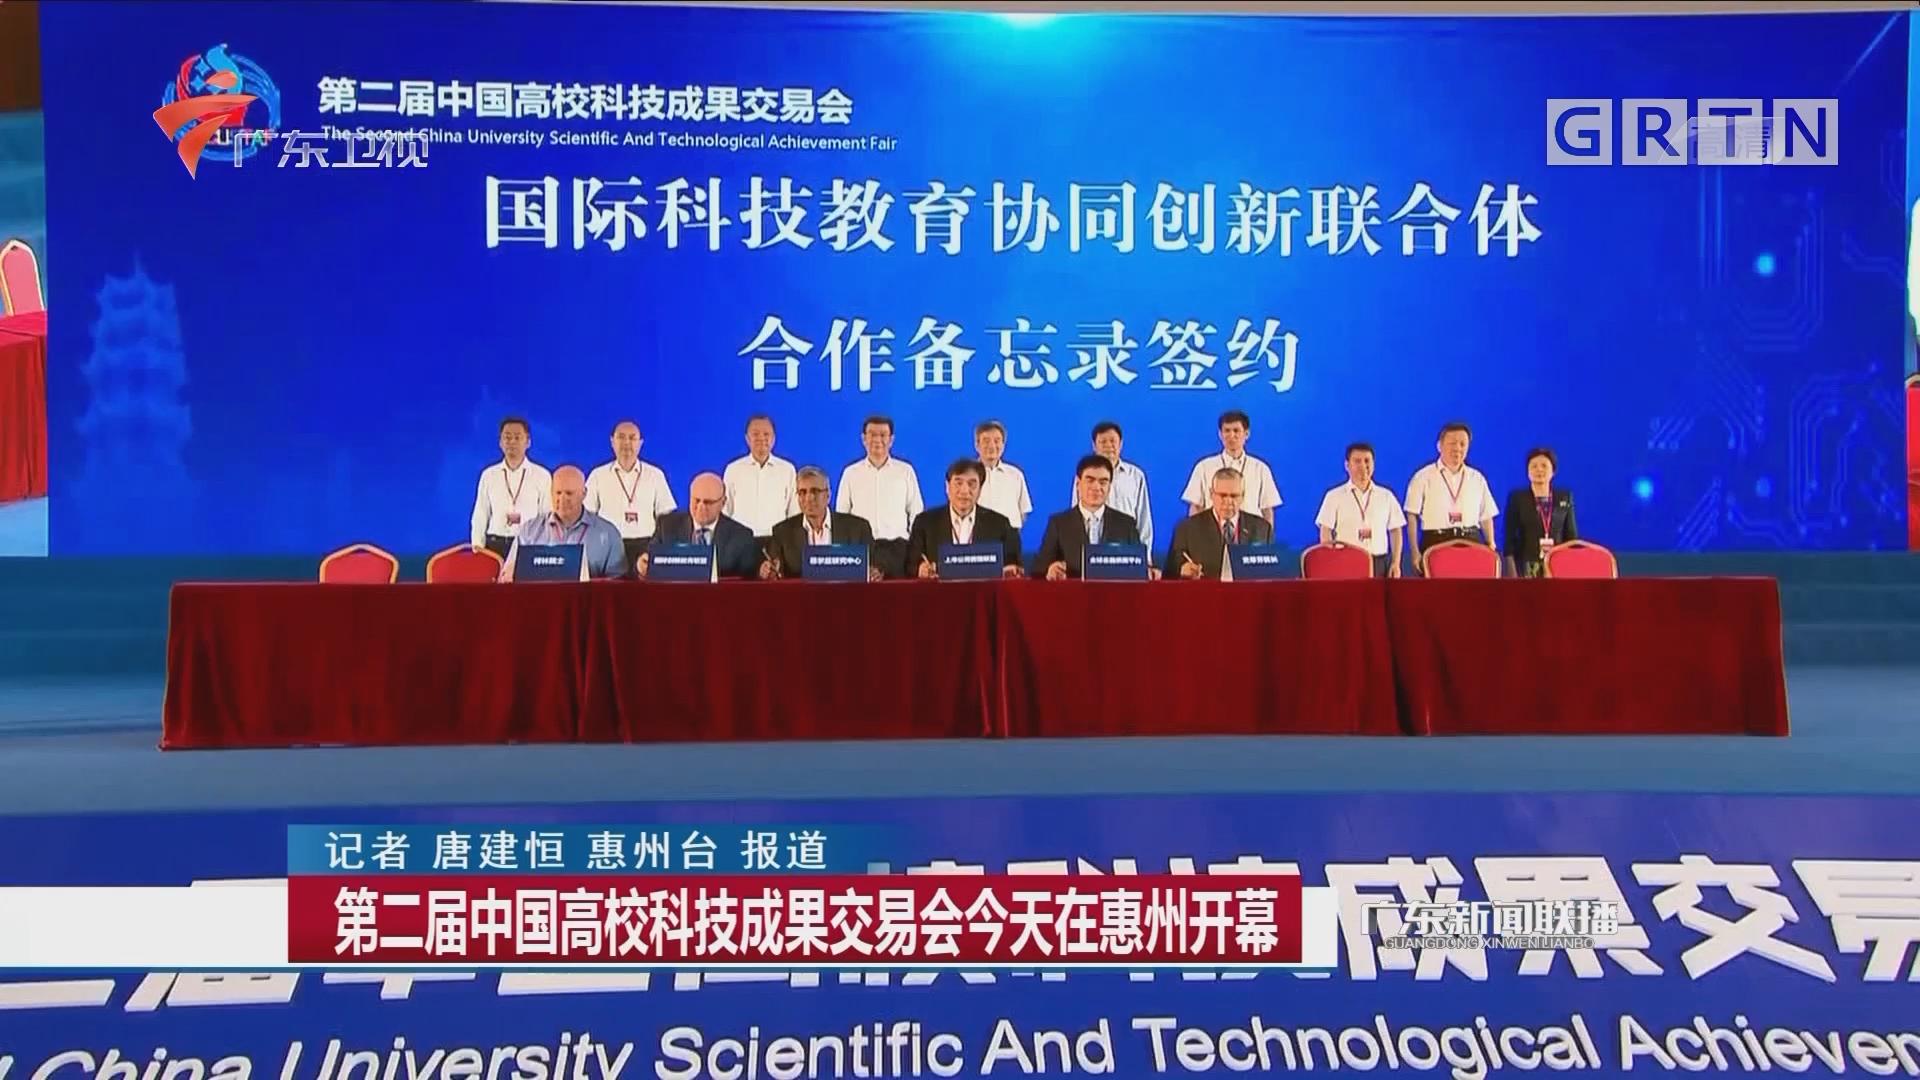 第二届中国高校科技成果交易会今天在惠州开幕